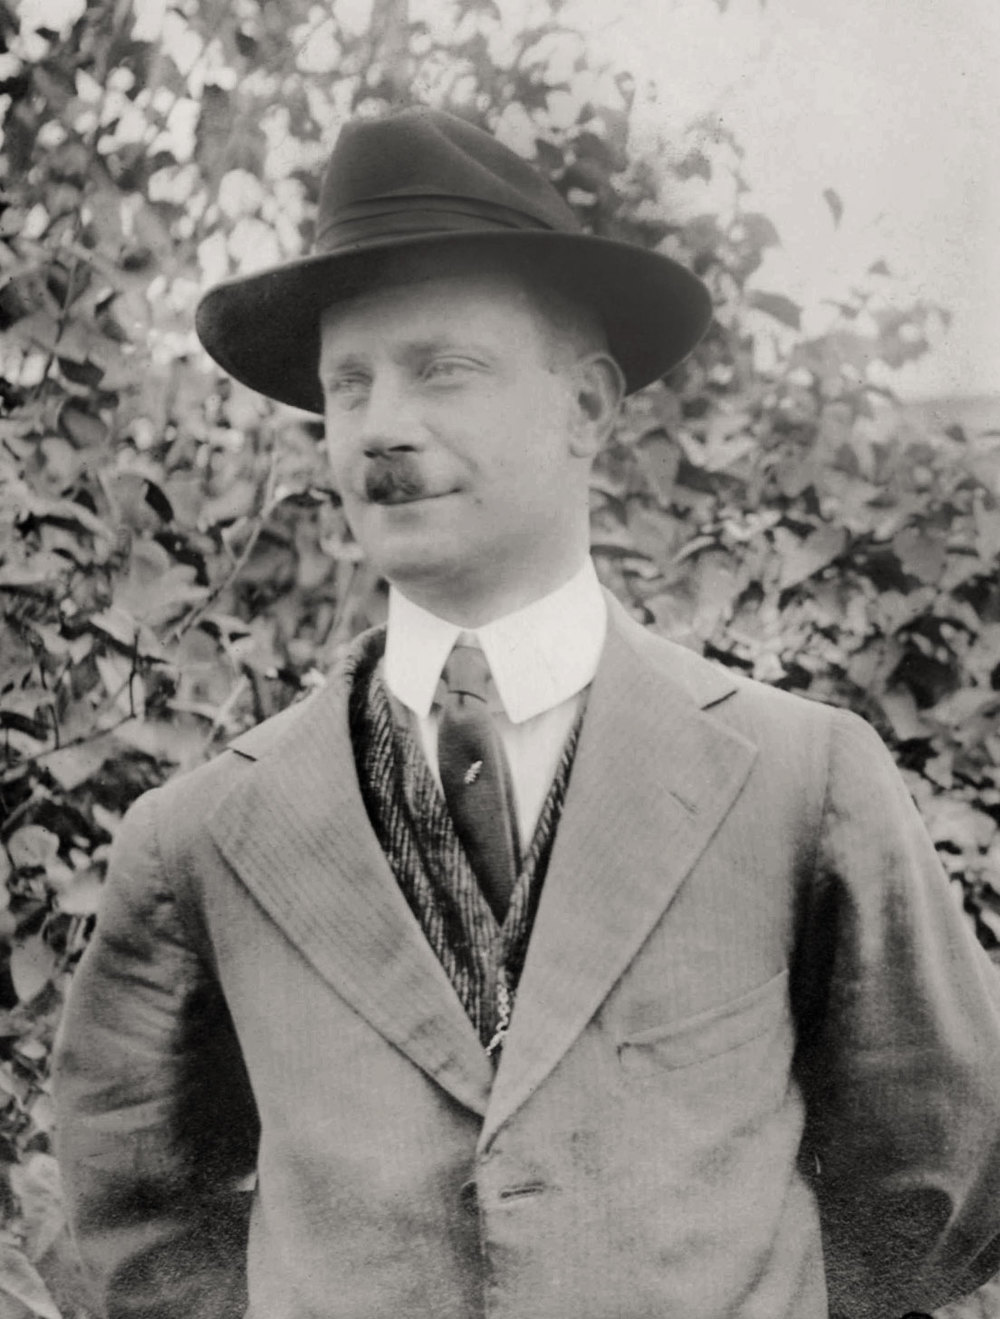 Herbert William Wagner 1916